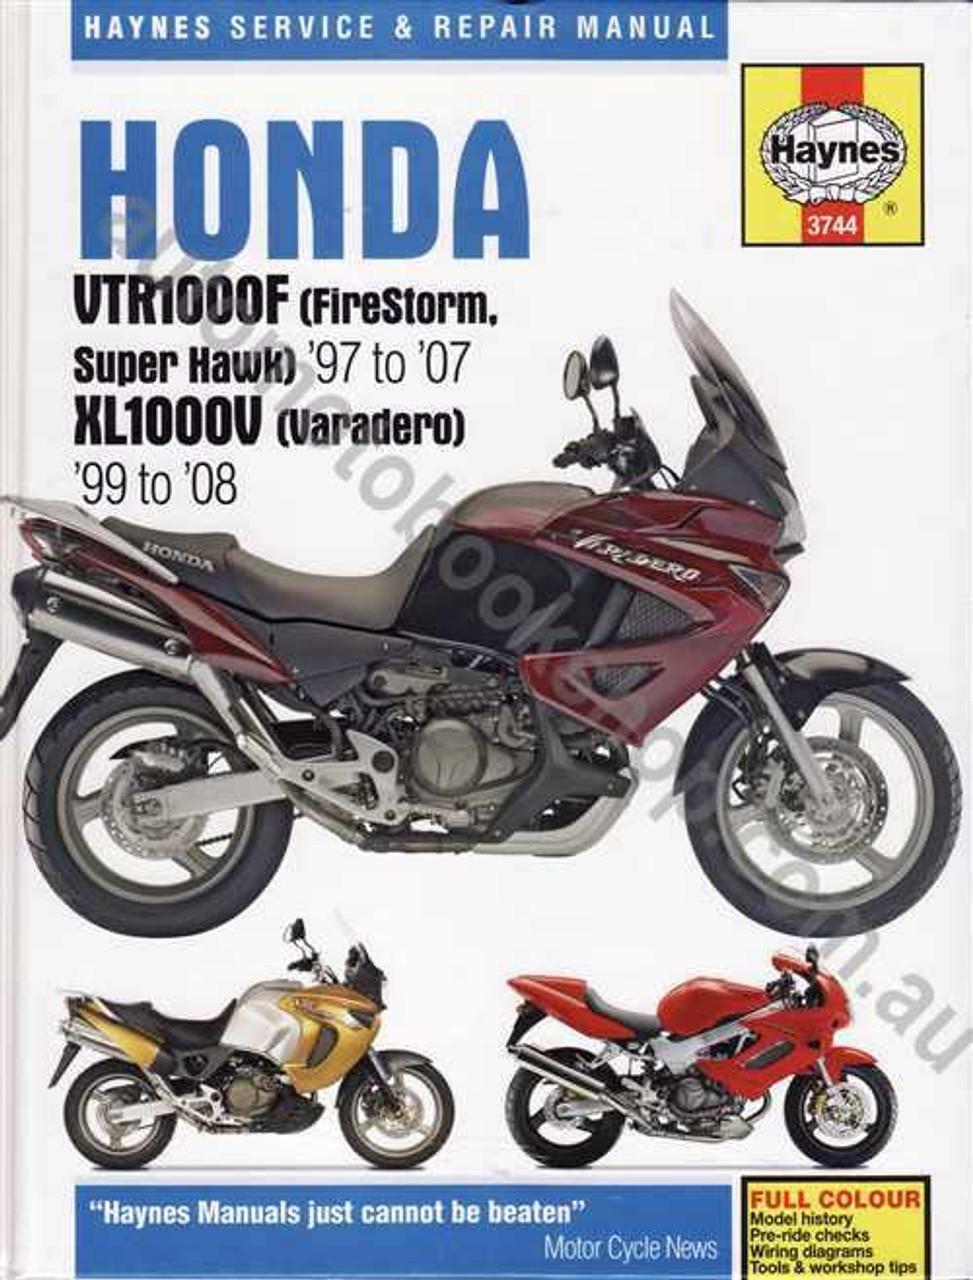 https://www automotobookshop com au/honda-vtr1000f-firestorm-super-hawk-xl1000v-varadero-1997-2008-workshop-manual/